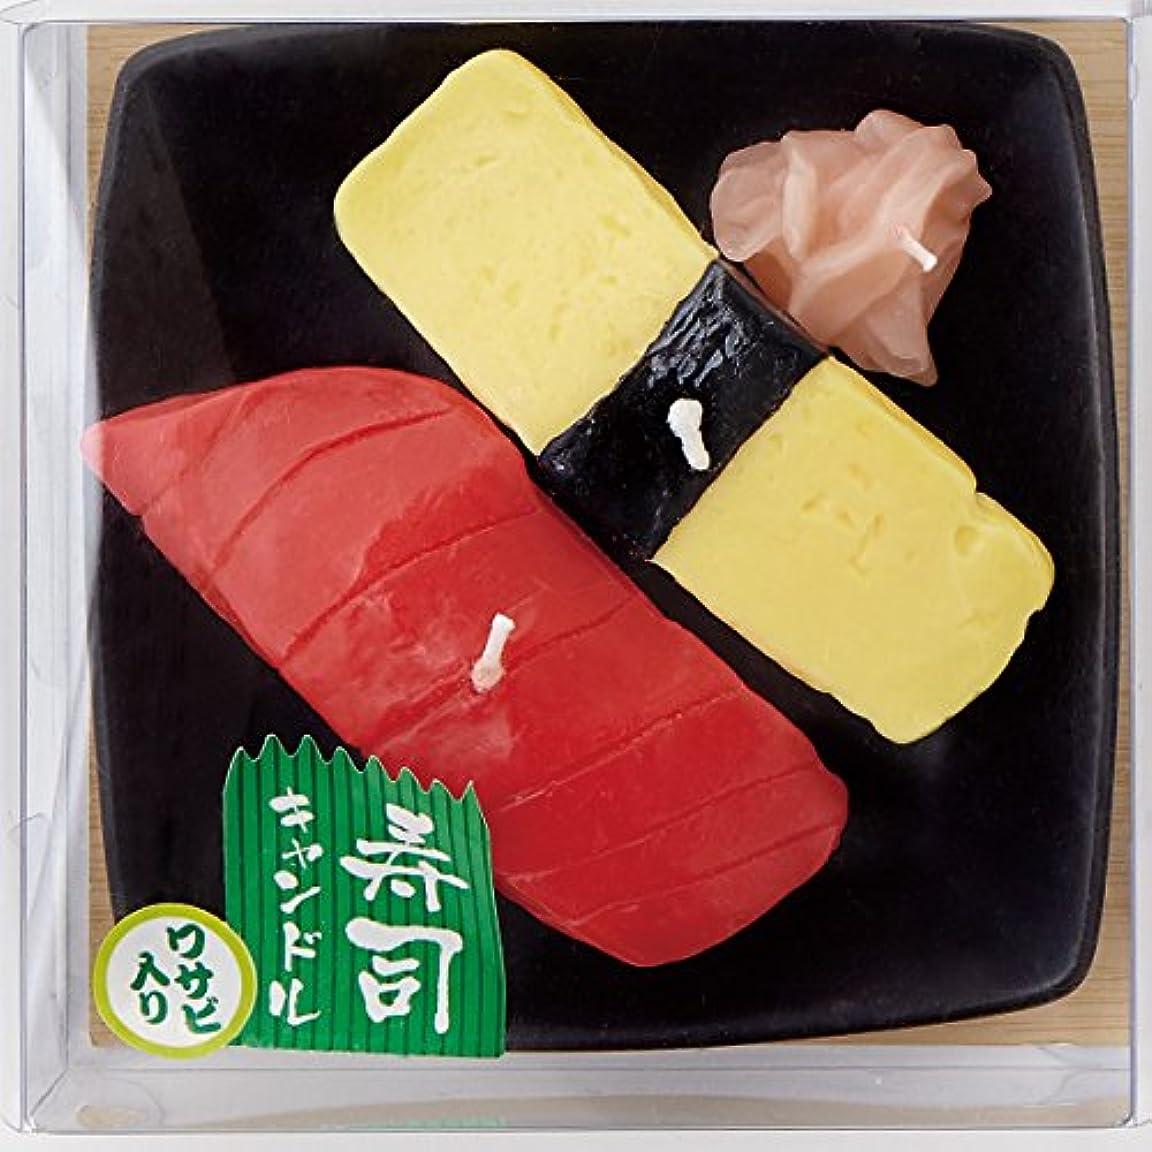 絶望的な瞑想するレッスン寿司キャンドル A(マグロ?玉子) サビ入